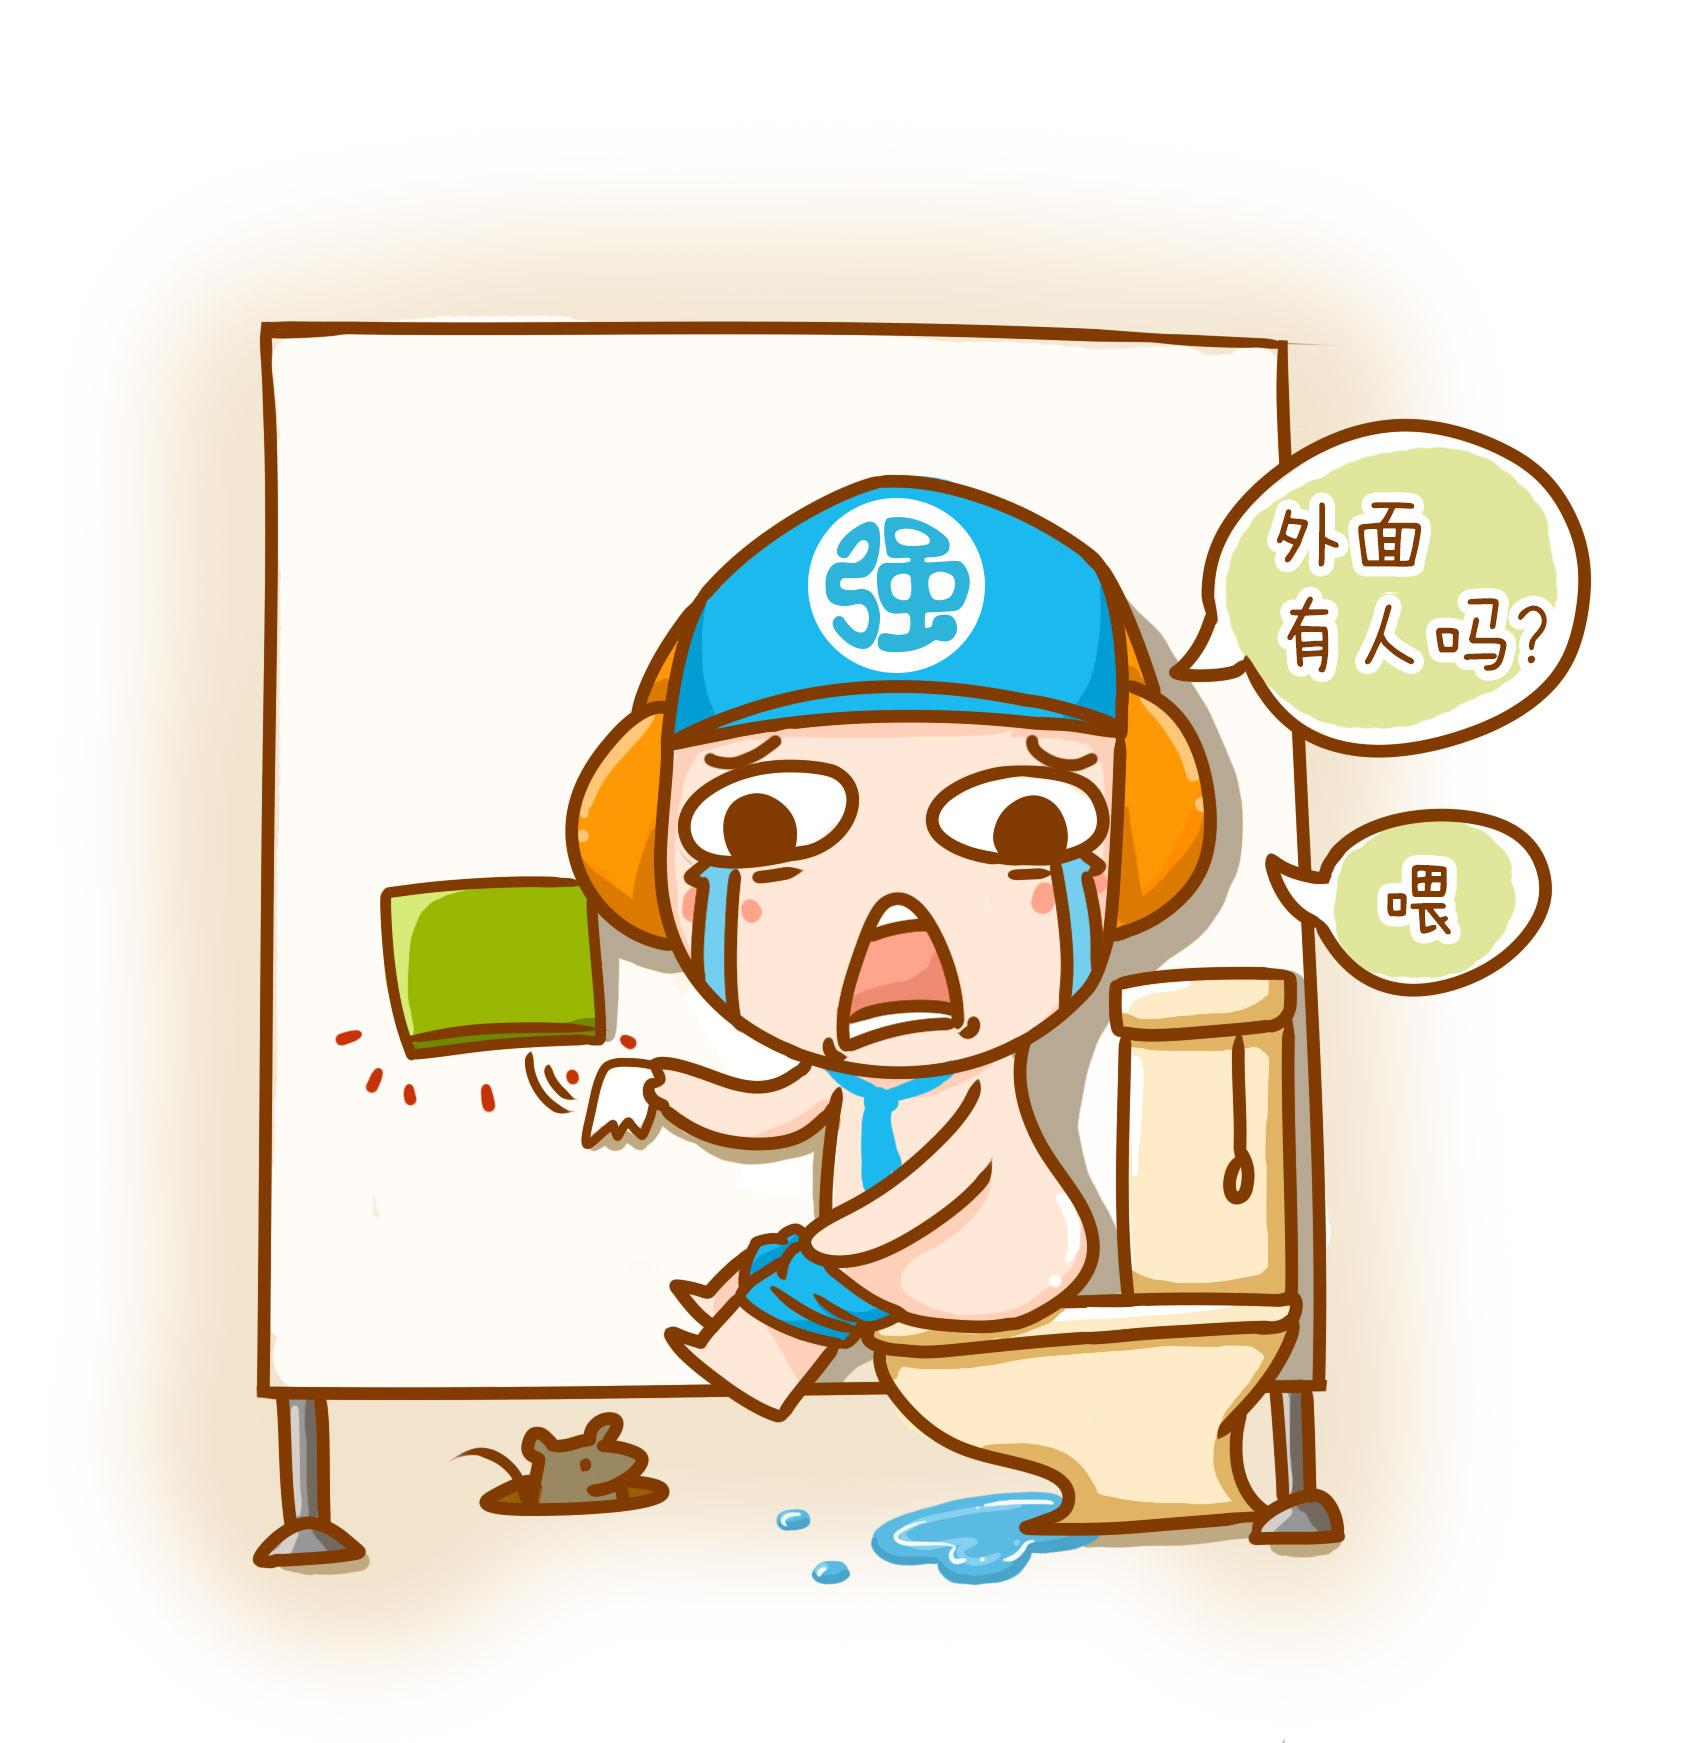 圣想上厕所 圣想上厕所漫画 圣想上厕所在线漫画 动漫之家漫画网图片